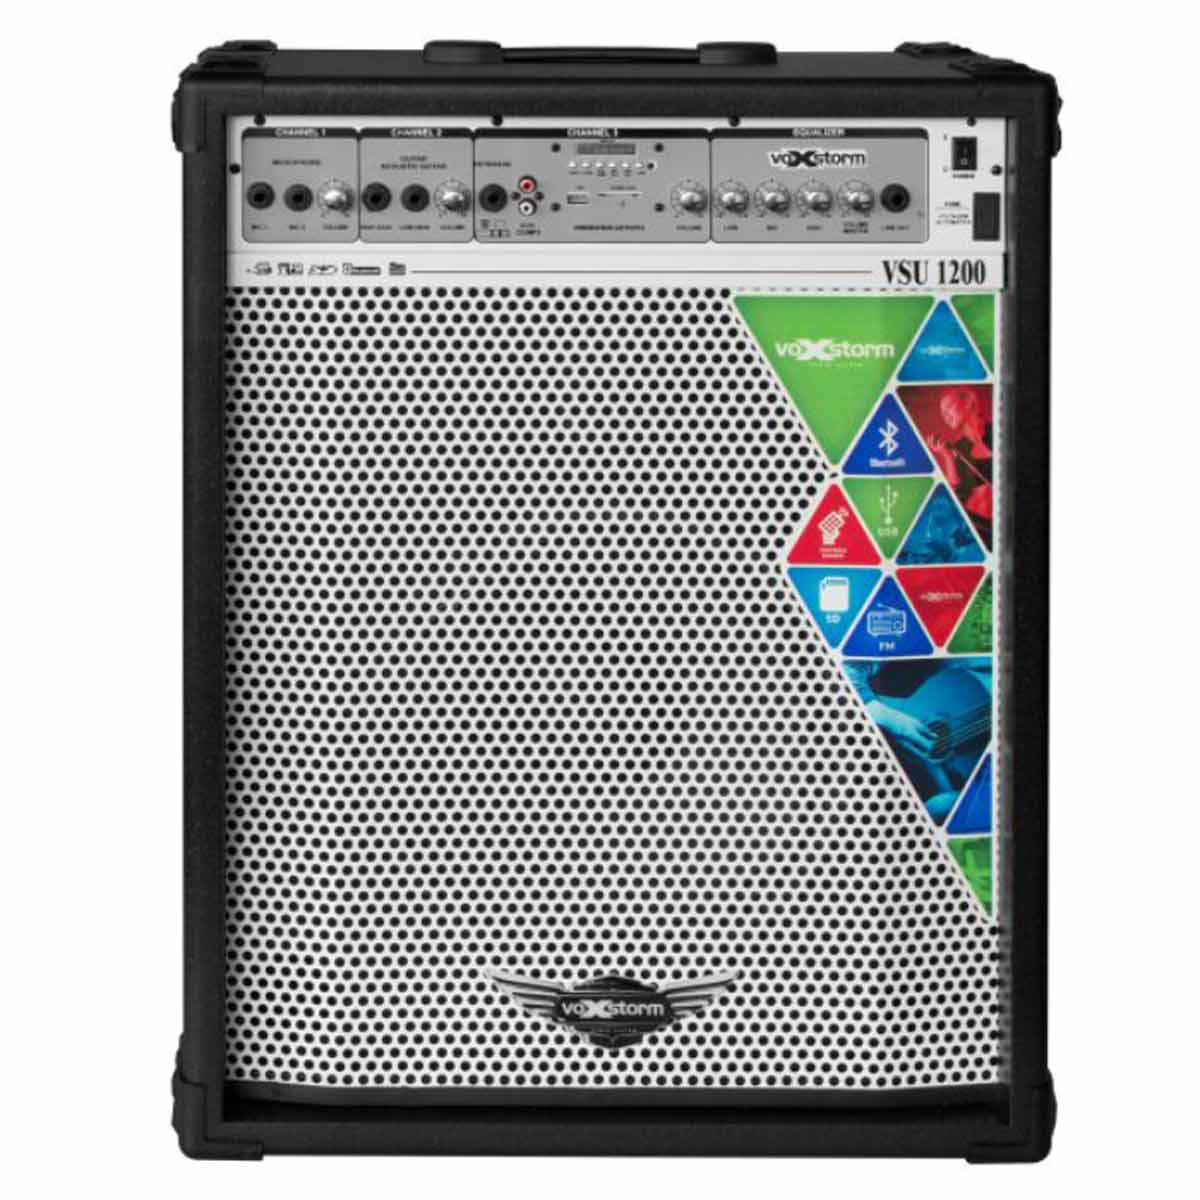 VSU1200 - Cubo Multiuso Ativo 100W c/ Bluetooth e USB VSU 1200 Preto - Voxstorm